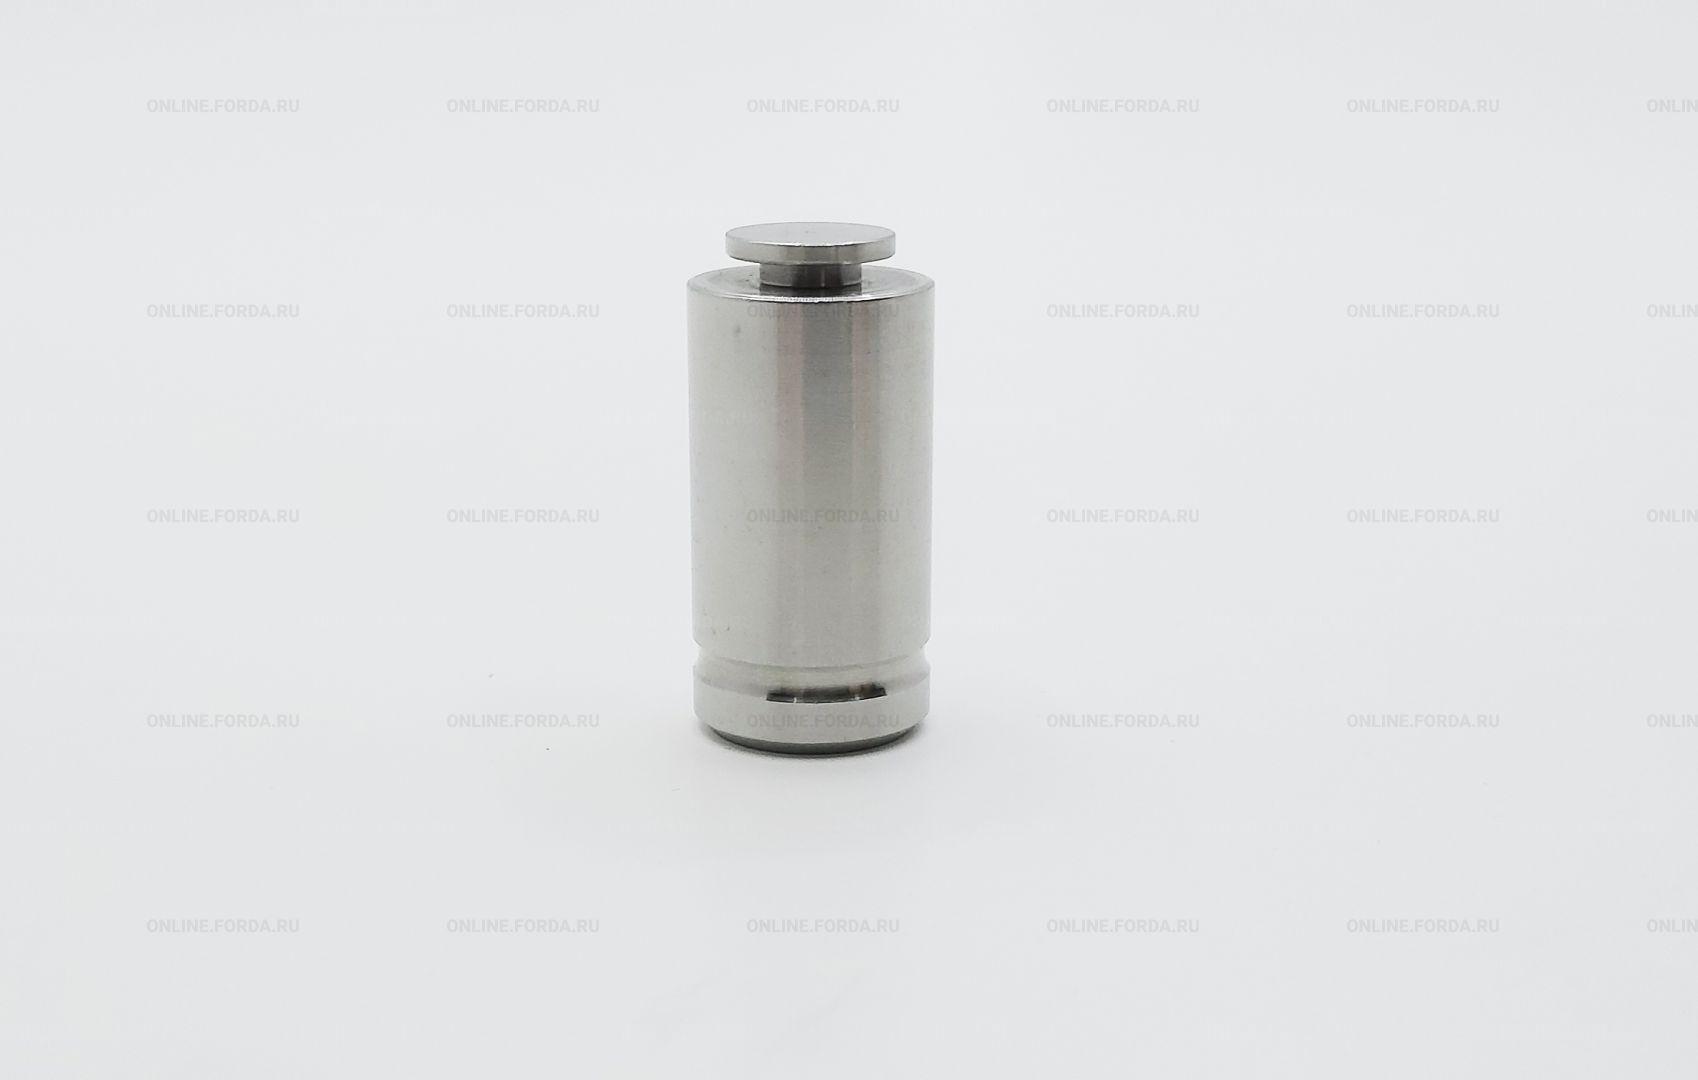 Фиксатор для верстачного упора на монтажно-фрезерный стол